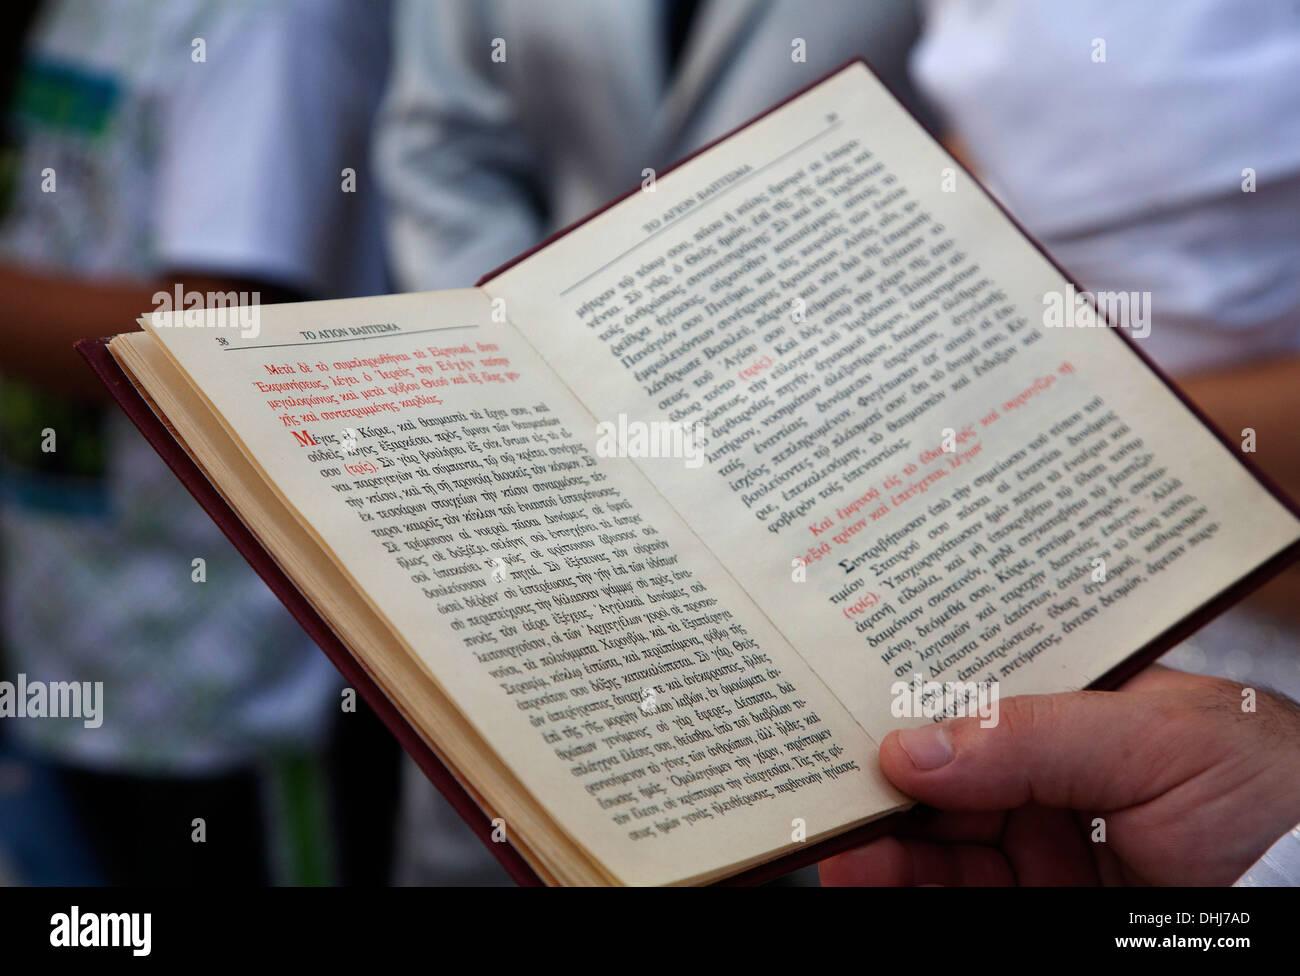 Folleto cristiano salmo ceremonia de boda ortodoxa escritos religiosos religión espiritual creencia ortodoxa leer estudio sacerdote creencia Foto de stock